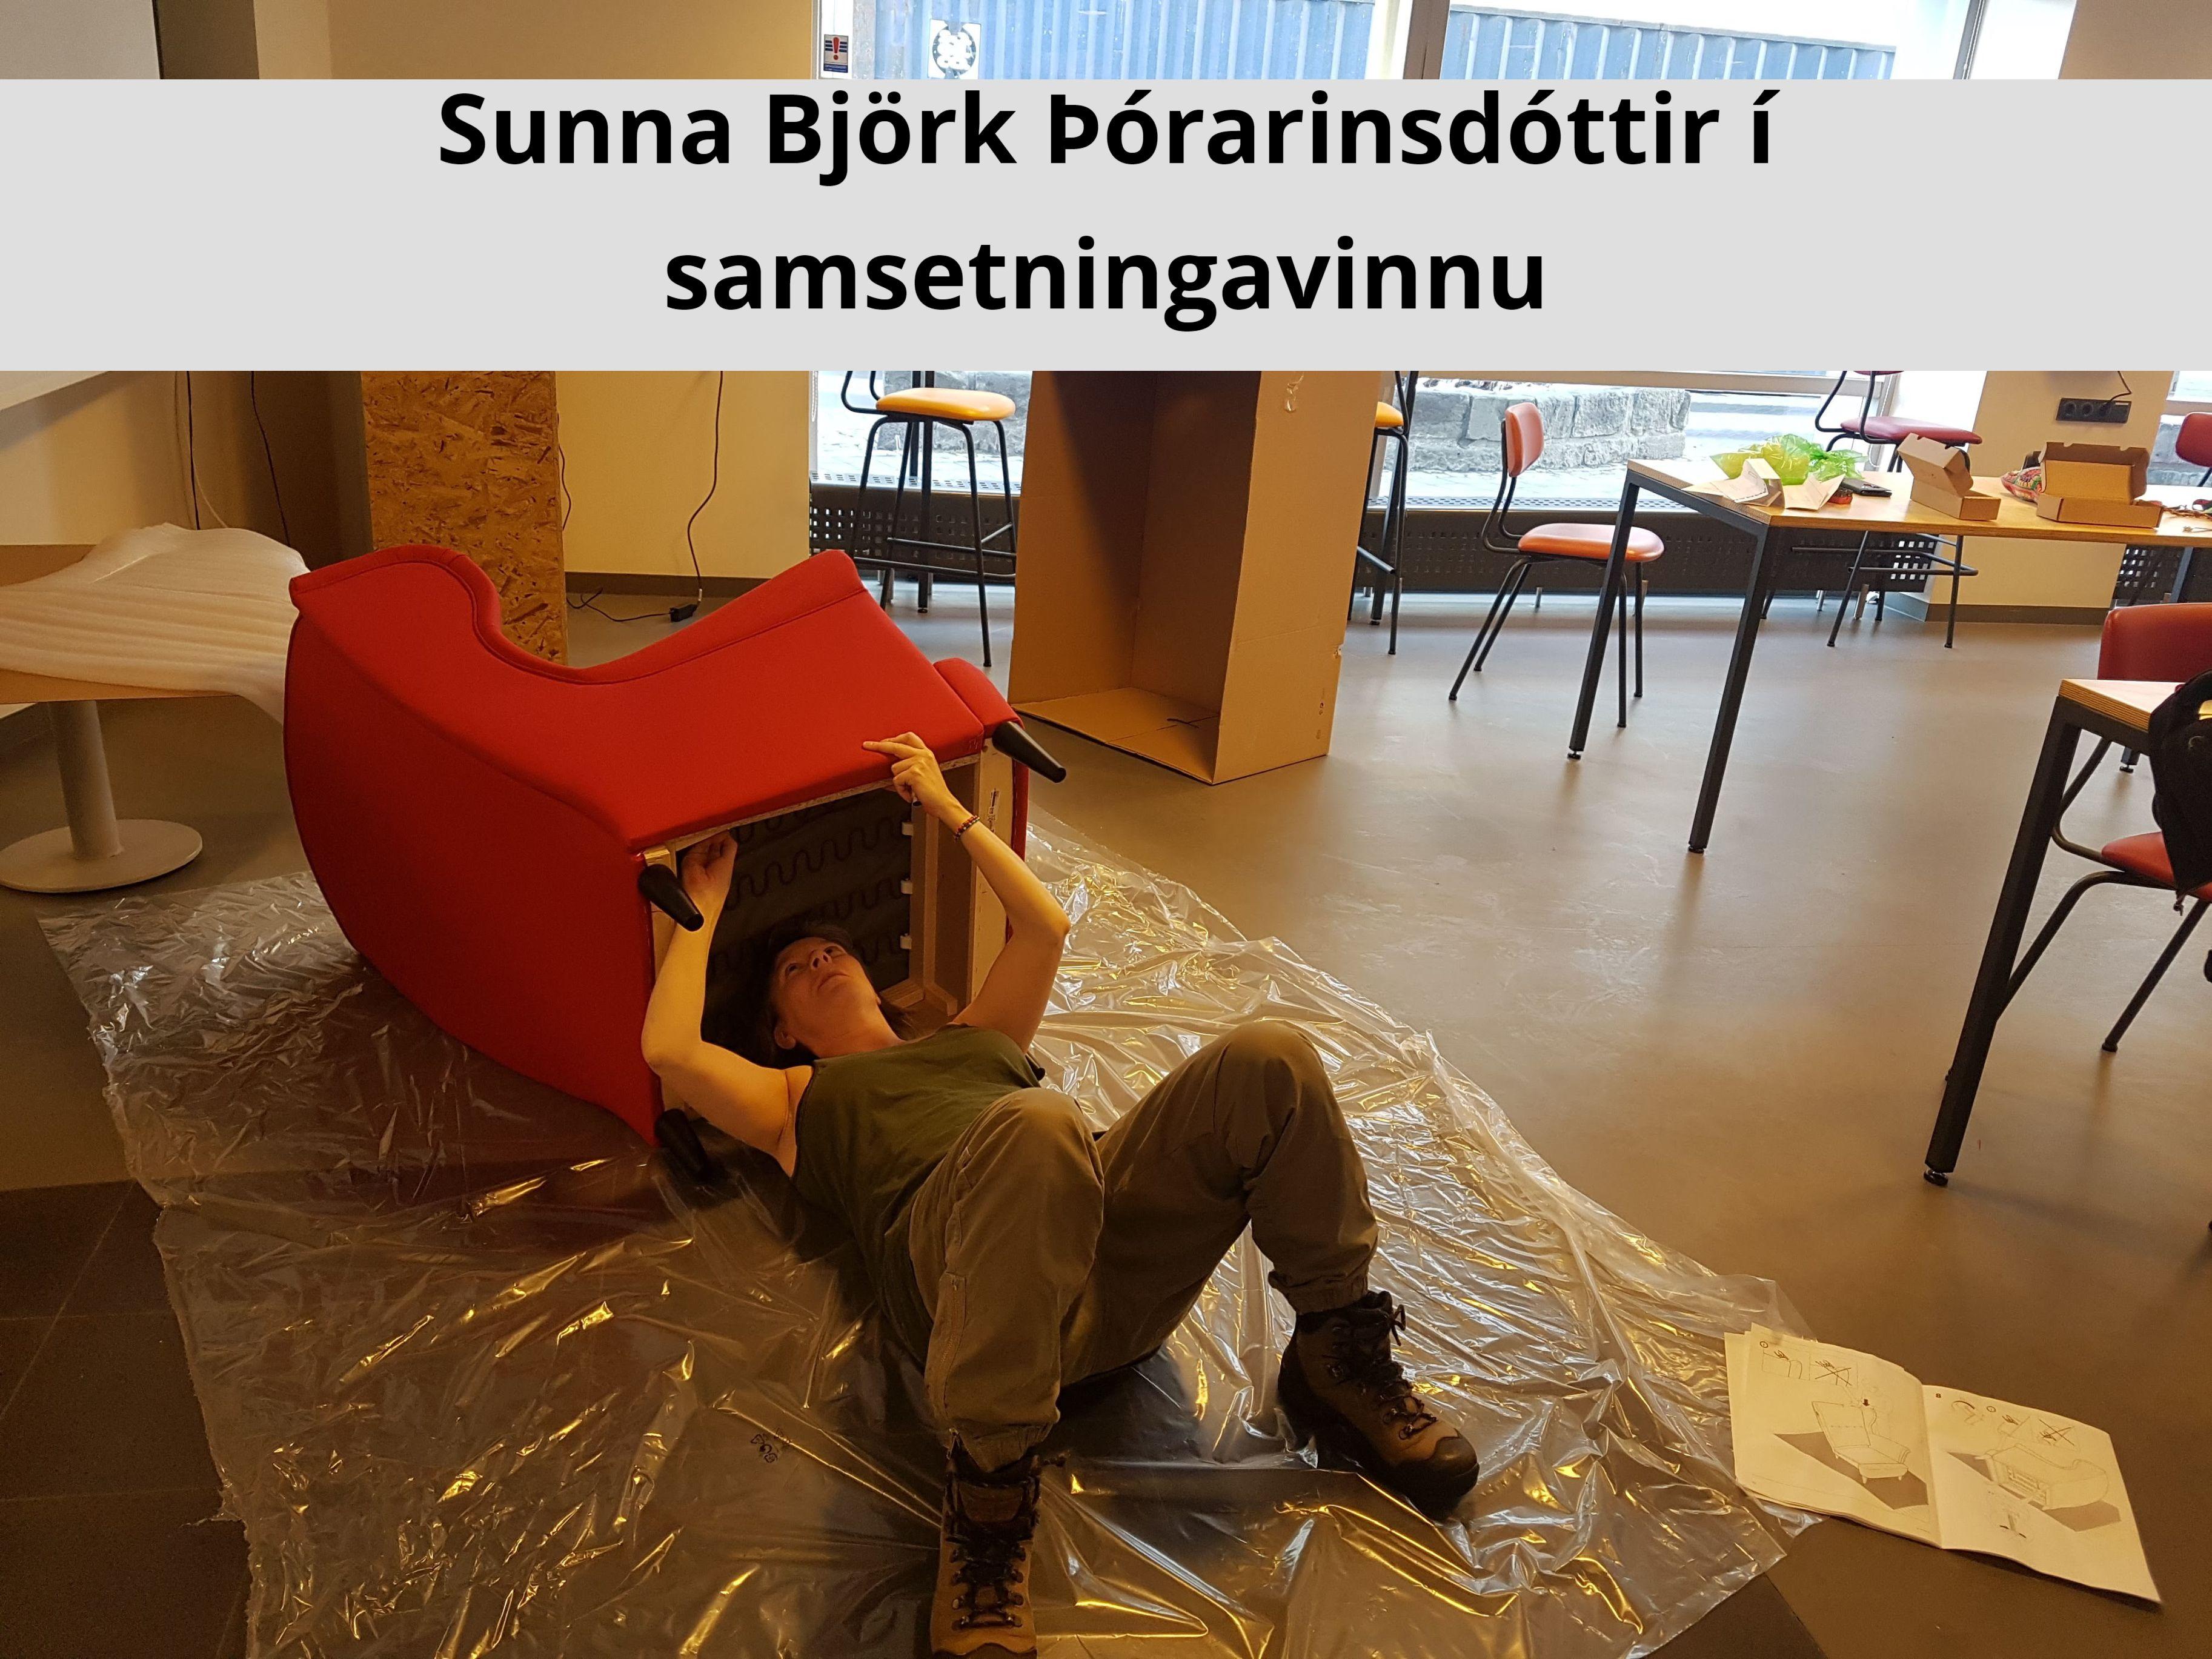 Sunna Björk Þórarinsdóttir í samsetningavinnu